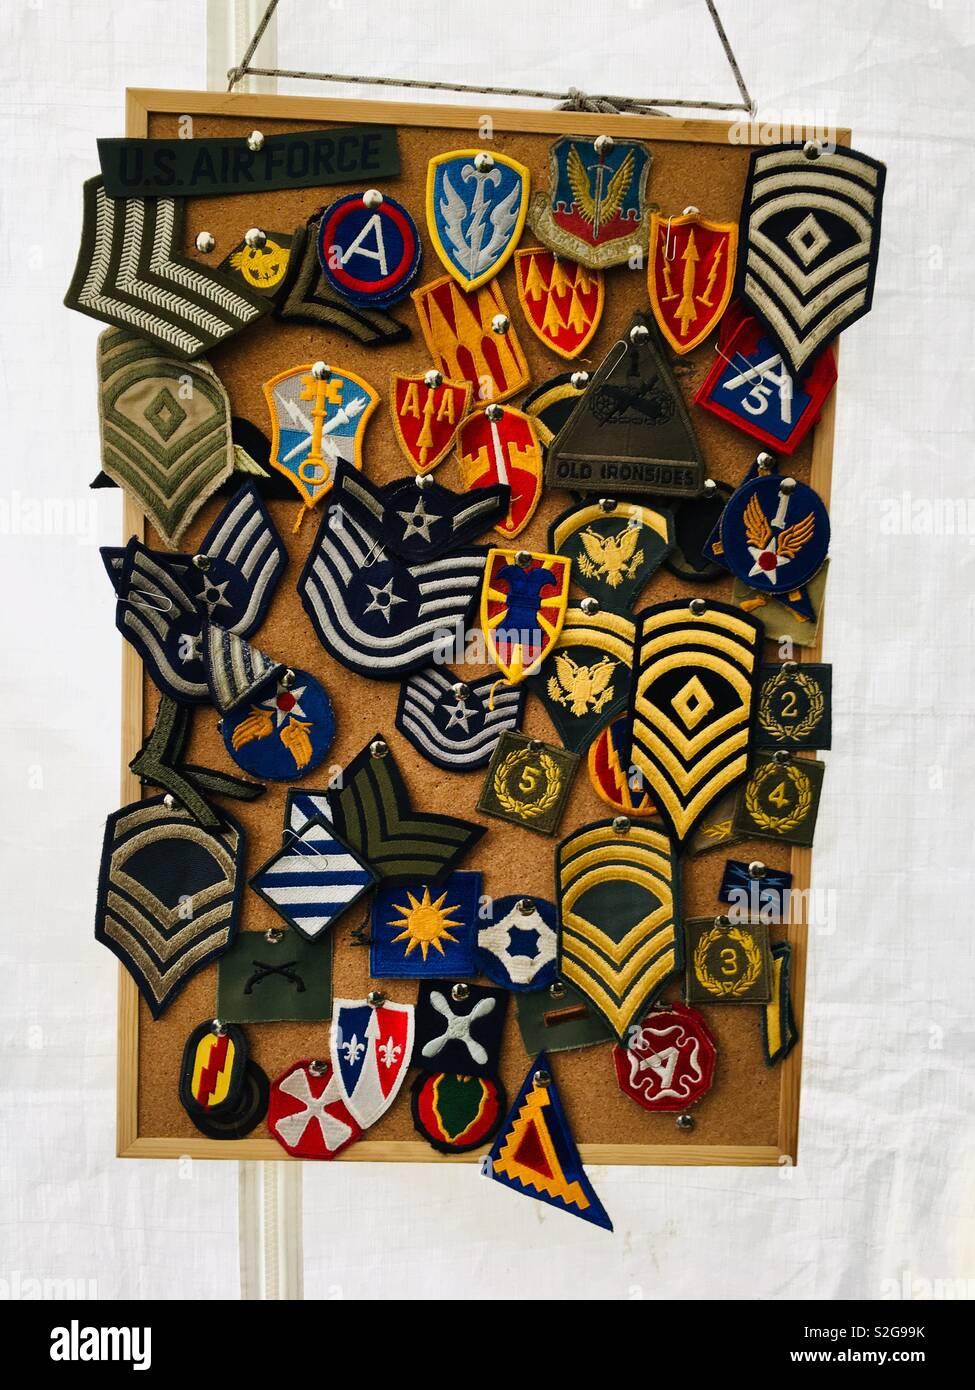 La Seconde Guerre Mondiale Deux Insignes Militaires De Style Et Correctifs Accroche Sur Un Tableau D Affichage Photo Stock Alamy